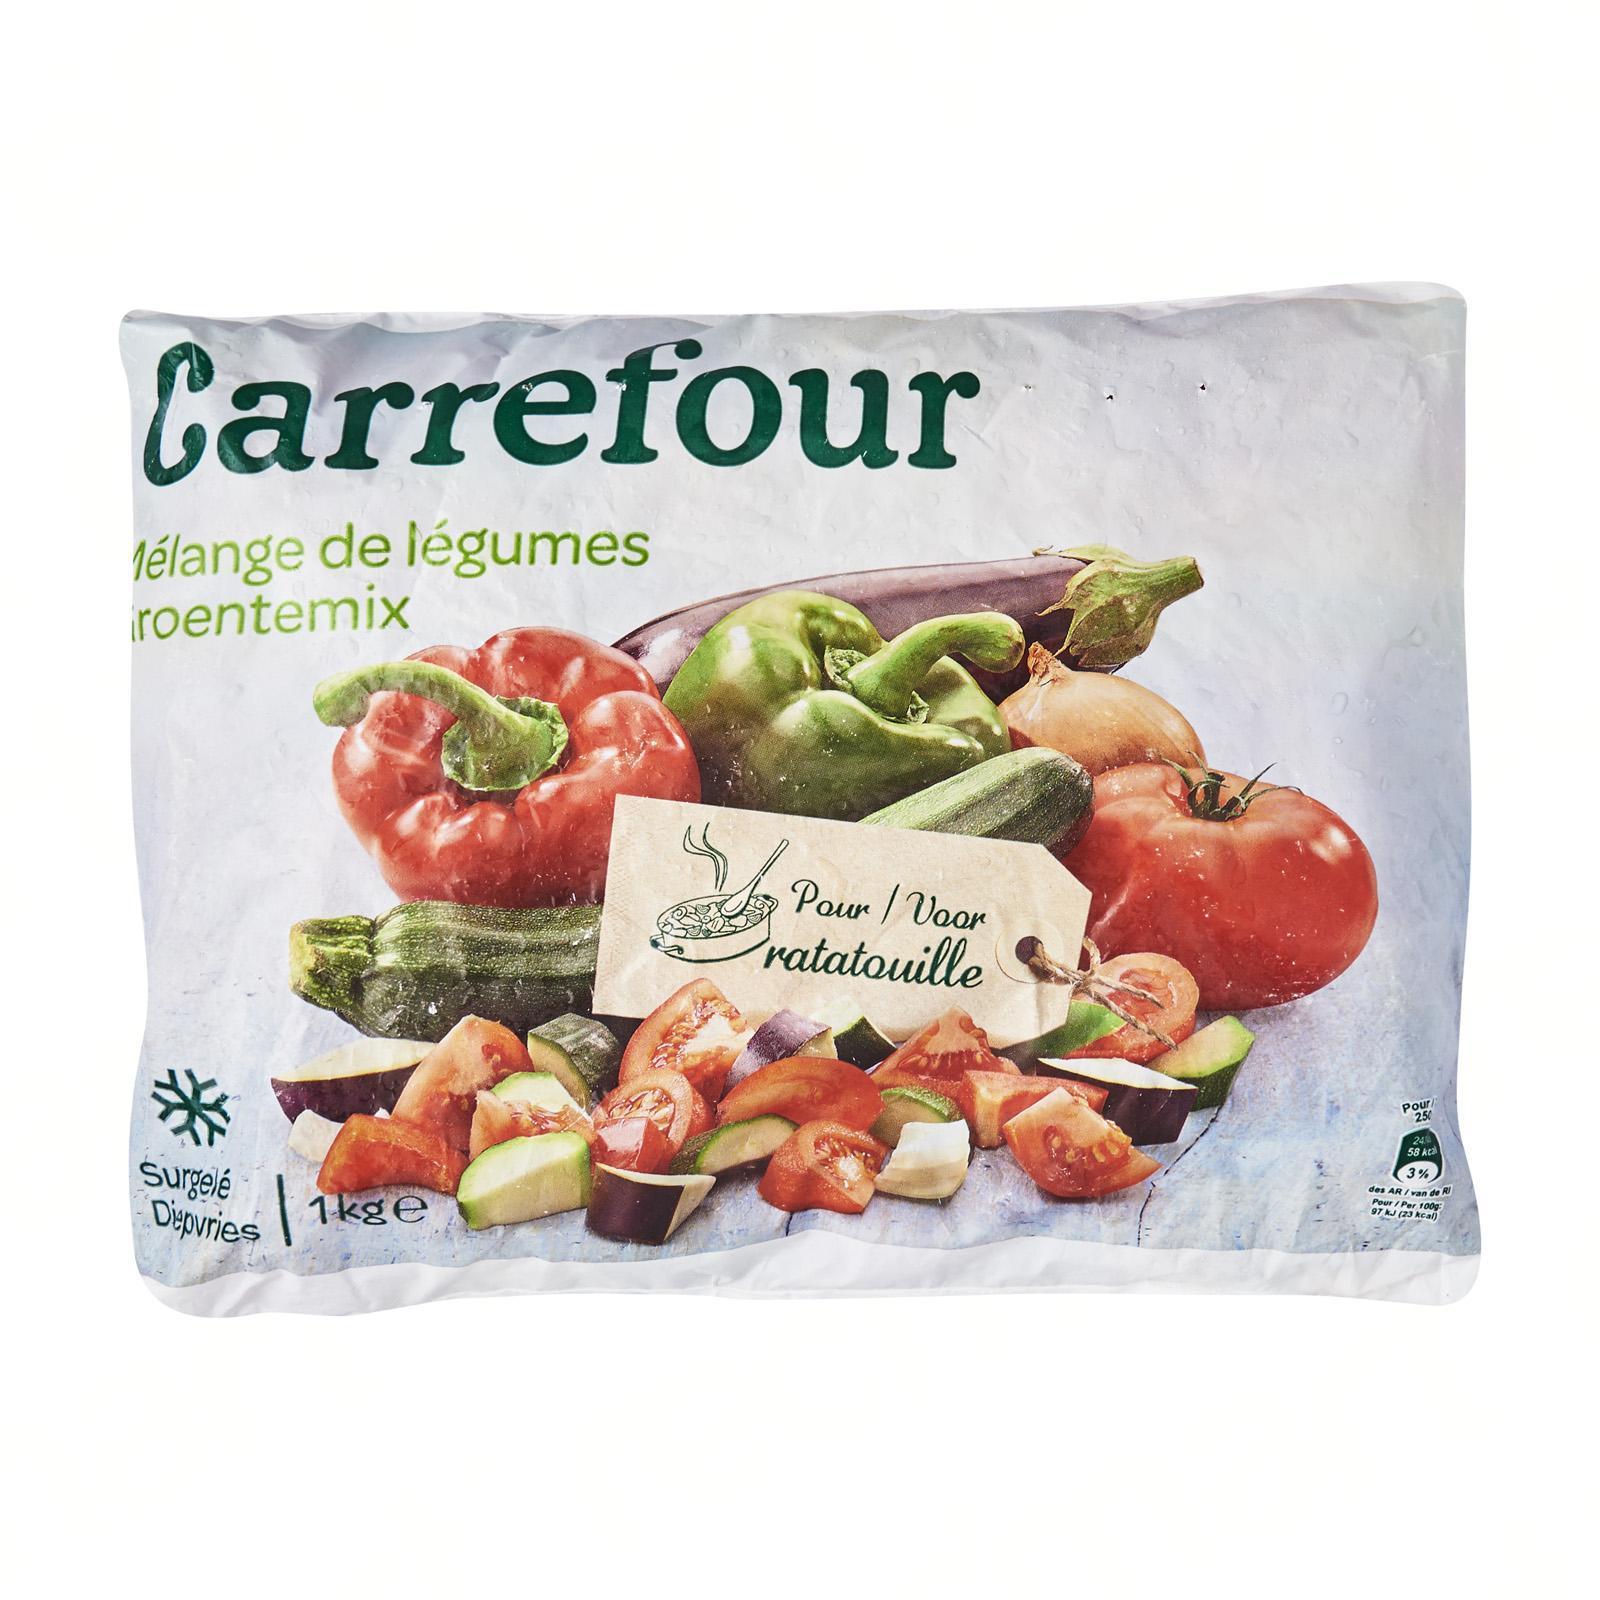 Carrefour Vegetables For Ratatouille - Frozen - By Le Petit Depot By Redmart.